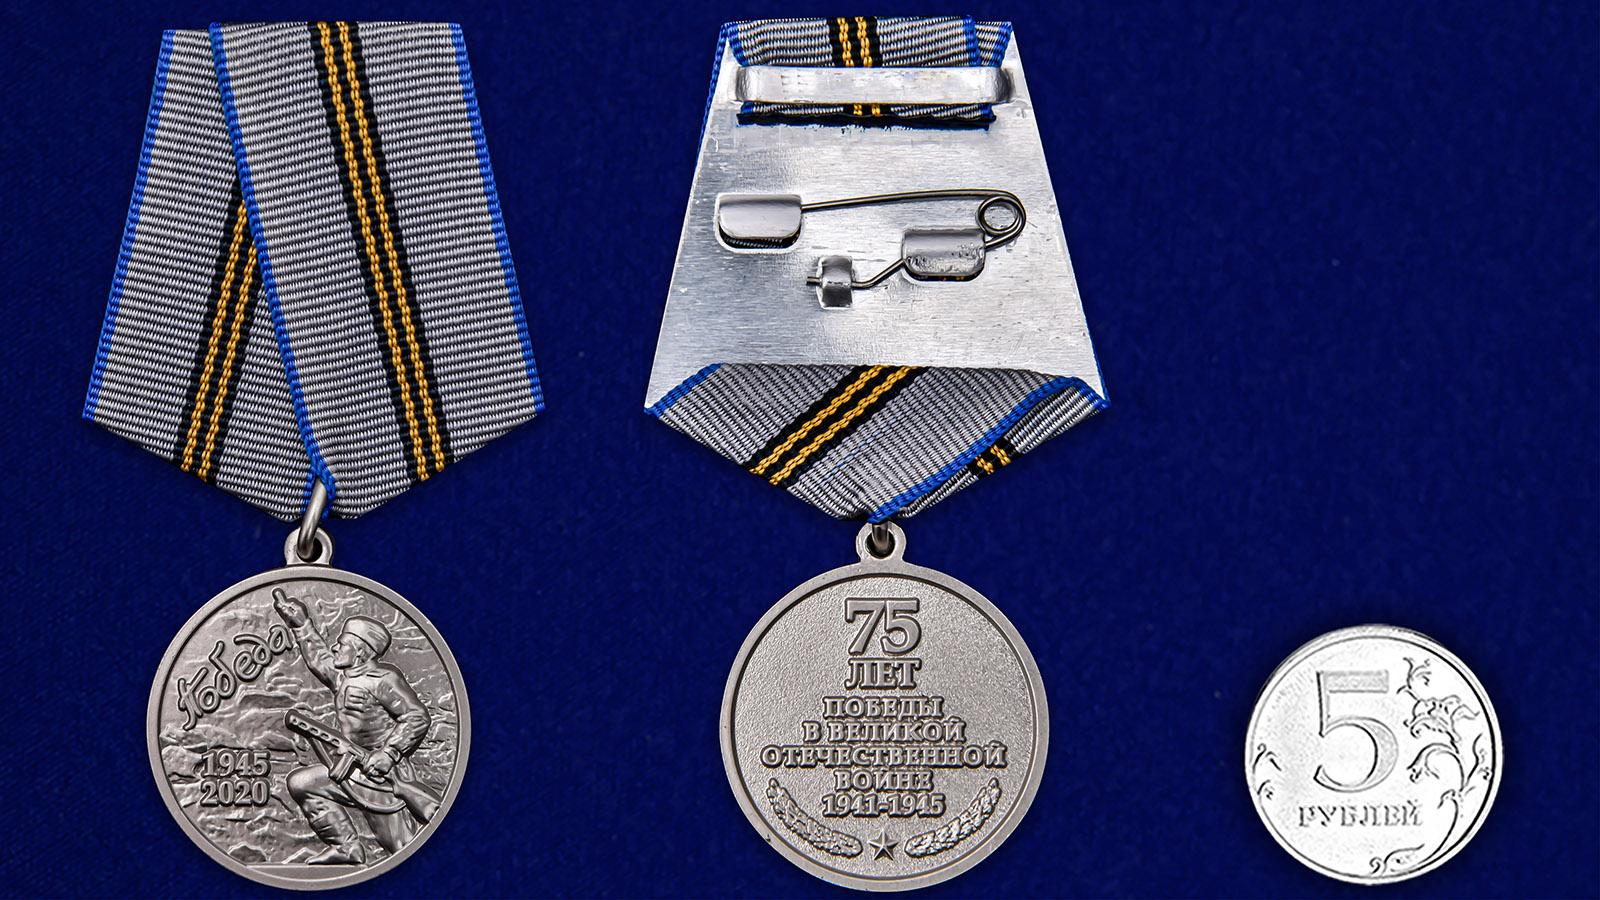 Памятная медаль 75 лет Победы в ВОВ 1941-1945 гг. - сравнительный вид